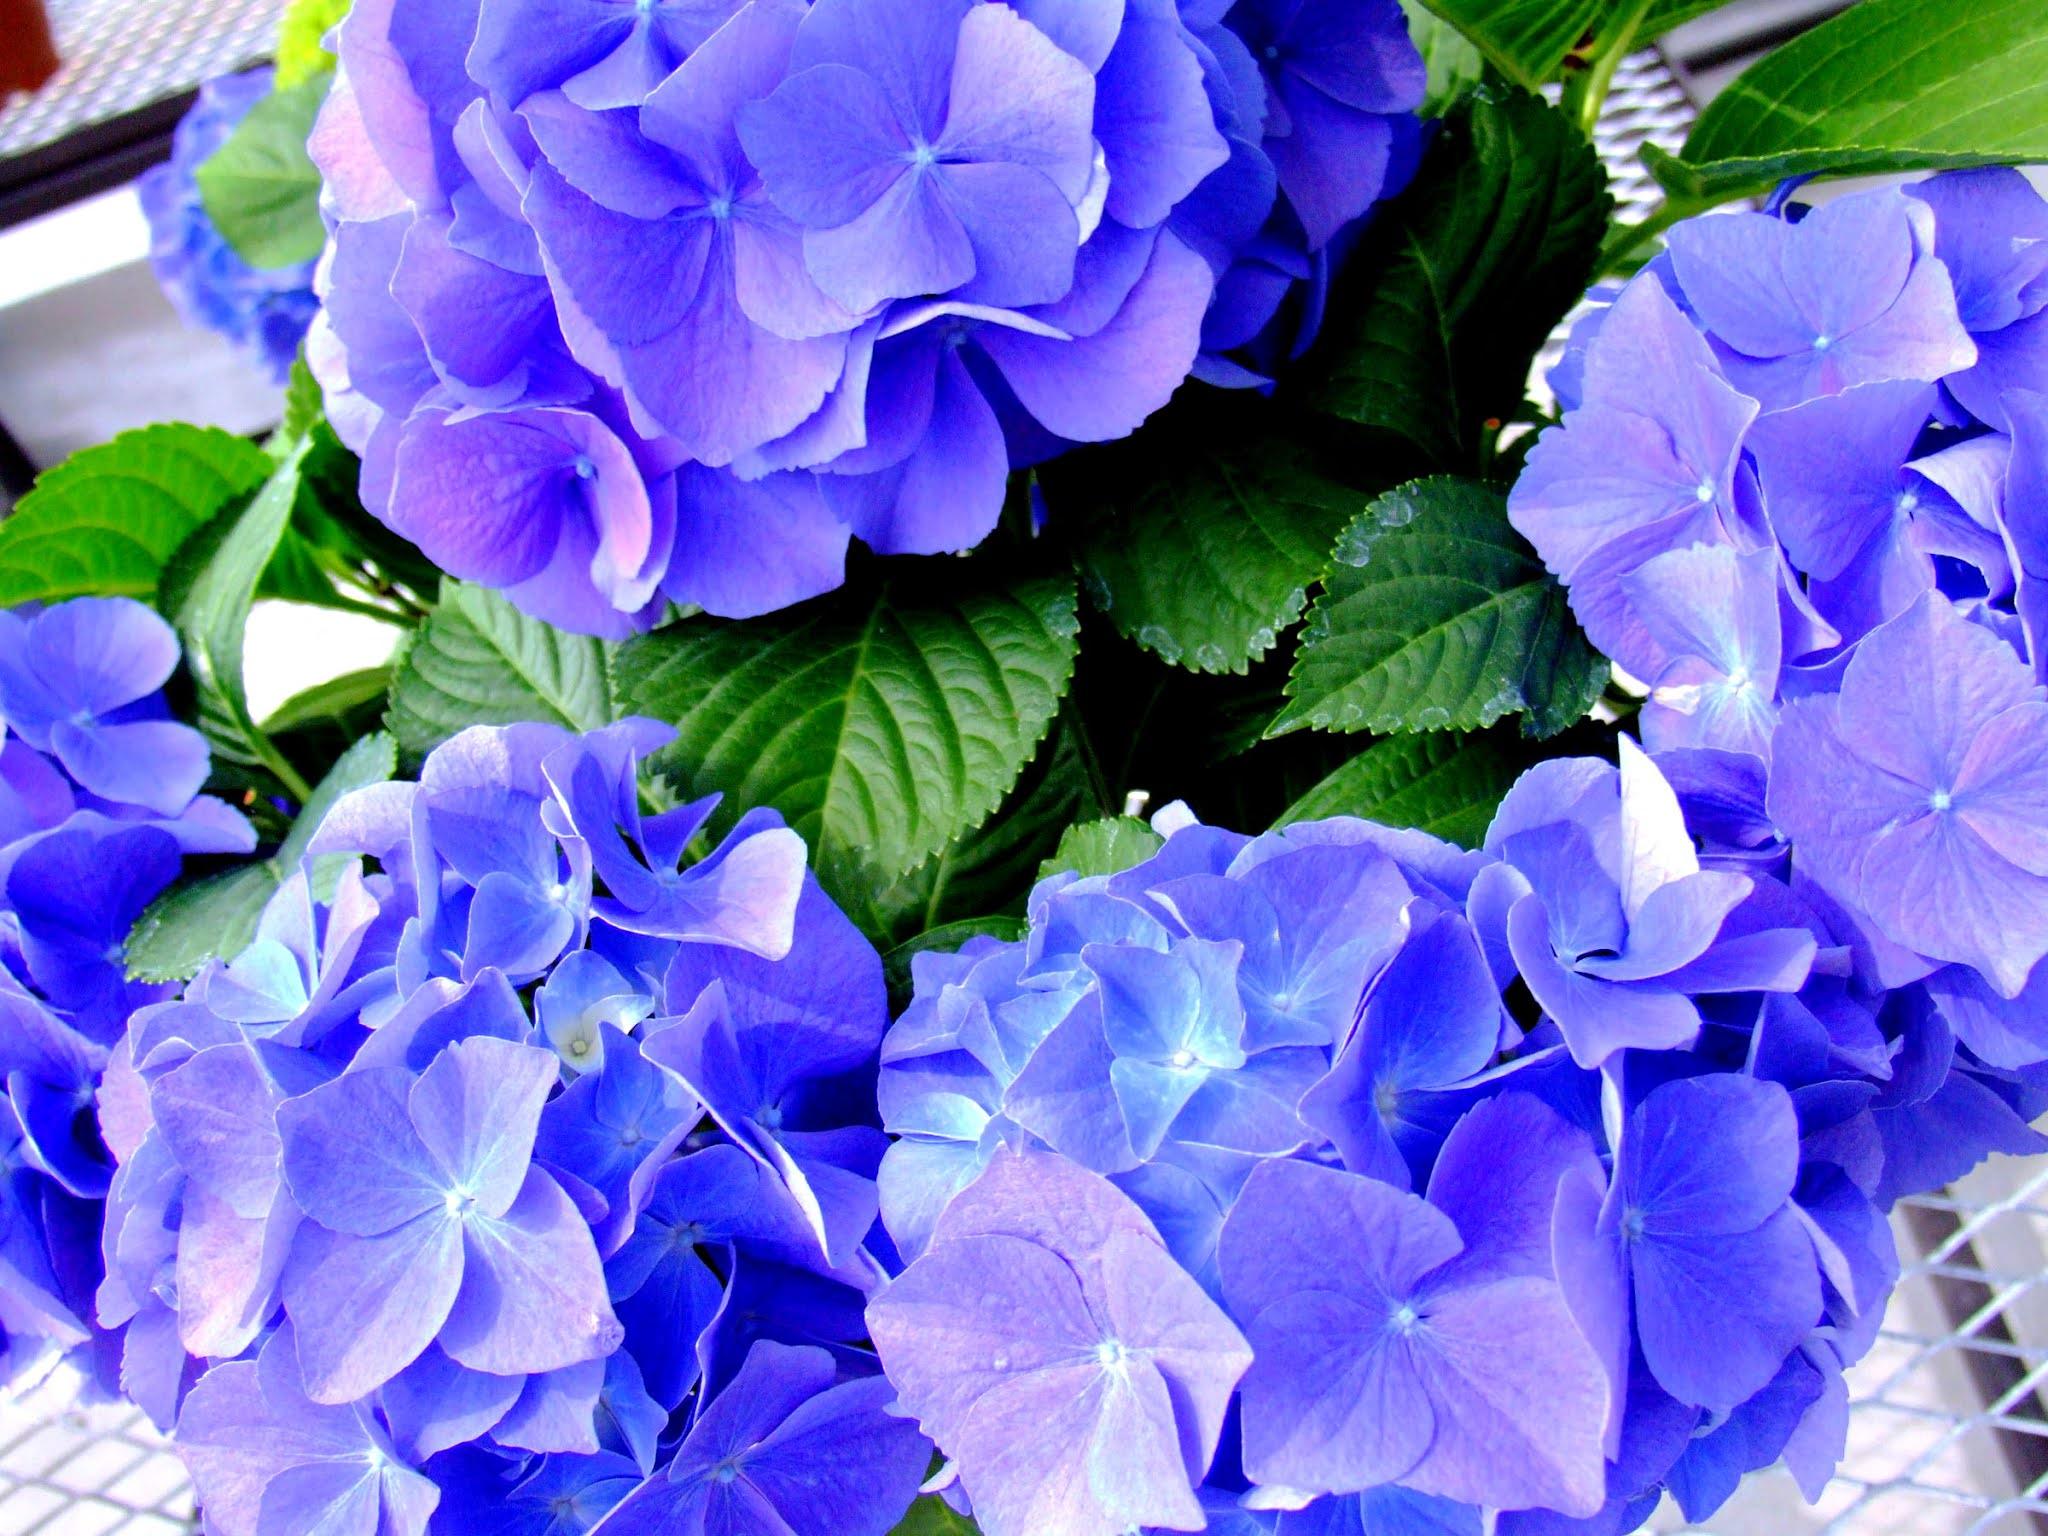 紫がキレイな、梅雨を凄く想起させるアジサイです。私の中では、紫陽花といえば紫、と言うイメージがあります。